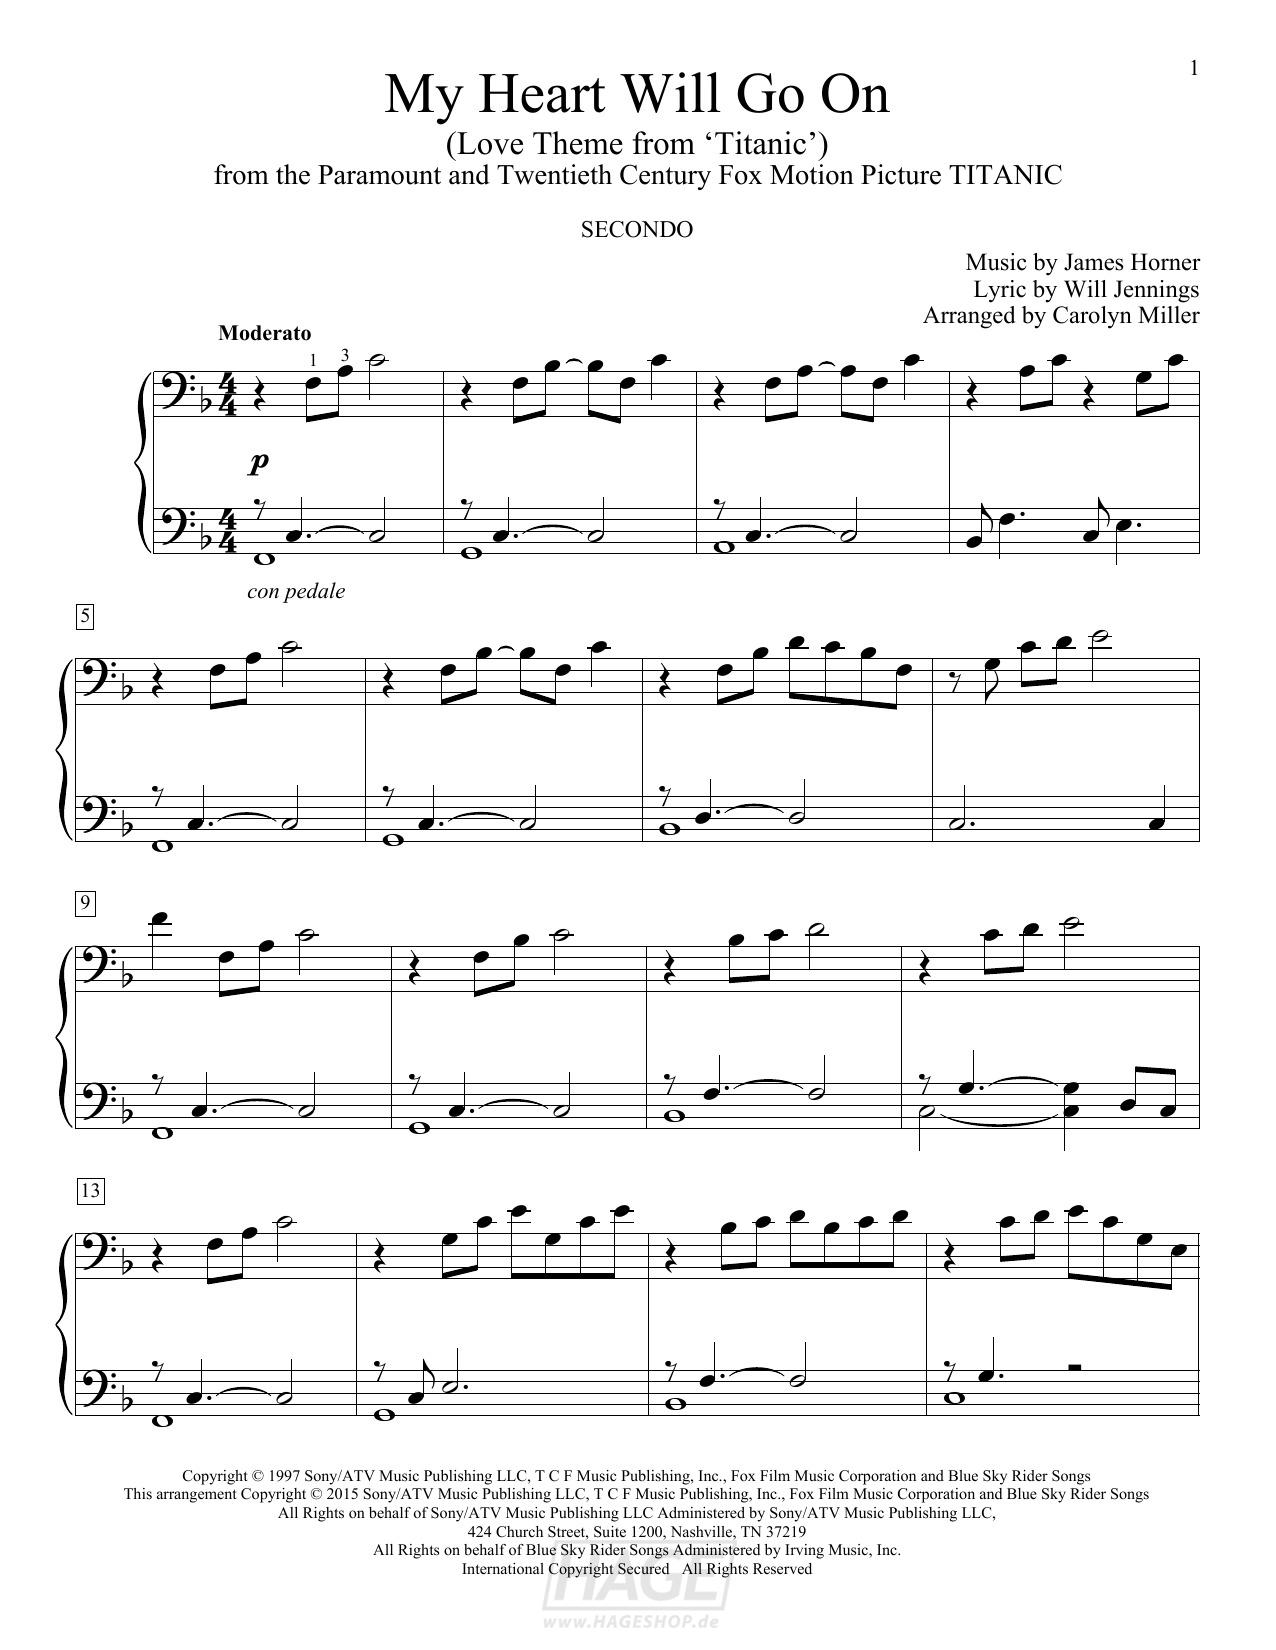 My Heart Will Go On (Love Theme From Titanic) - Celine Dion - Noten Druckvorschau